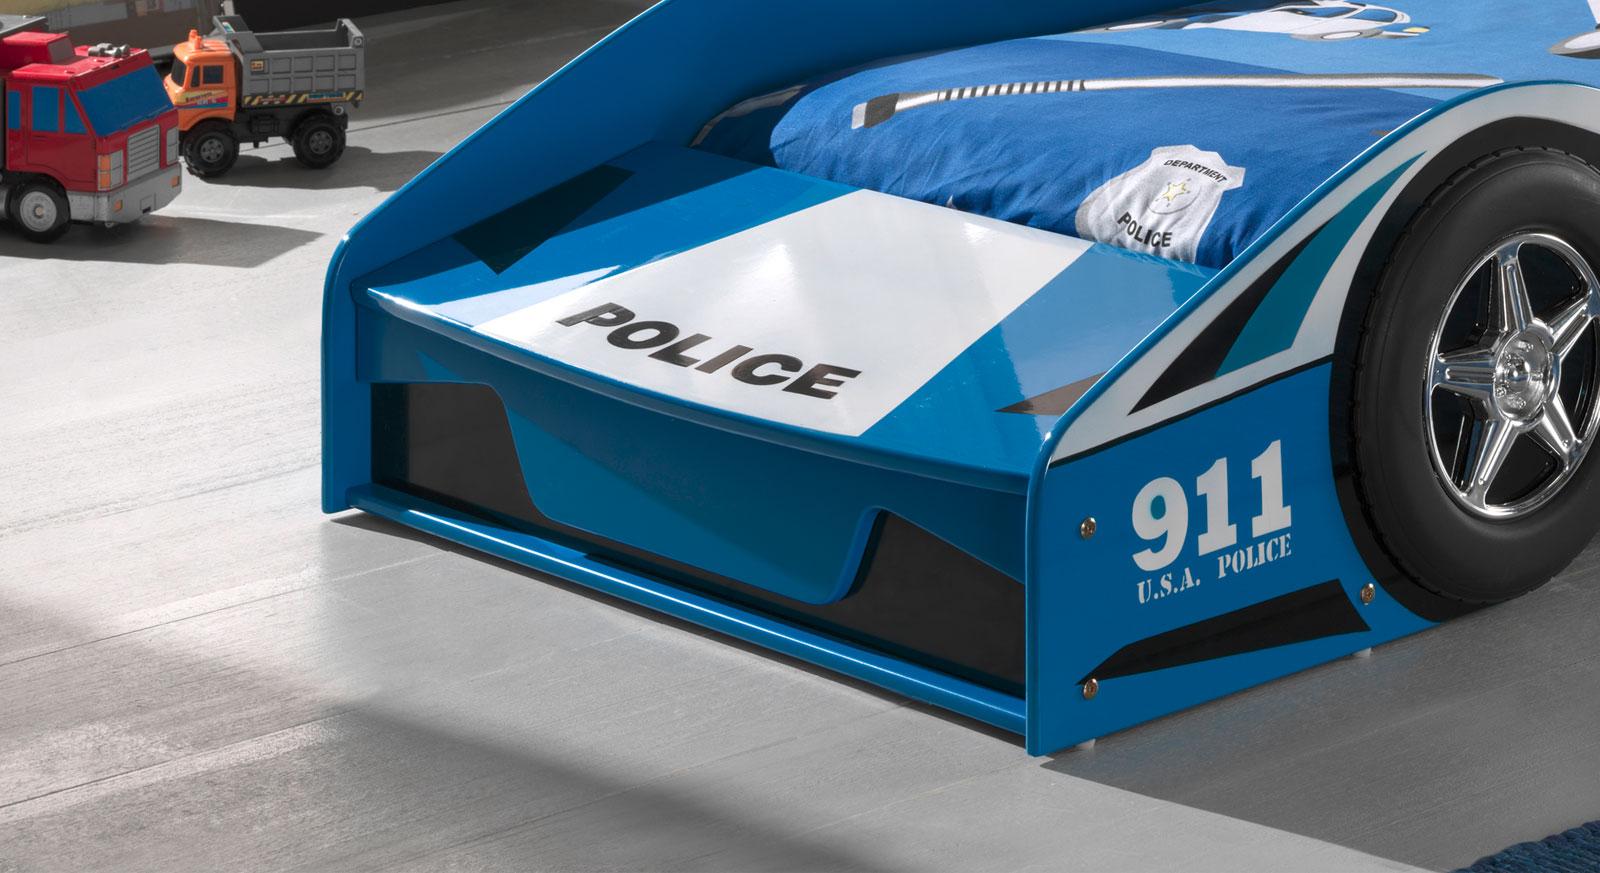 Autobett Blue Light im Polizei-Design